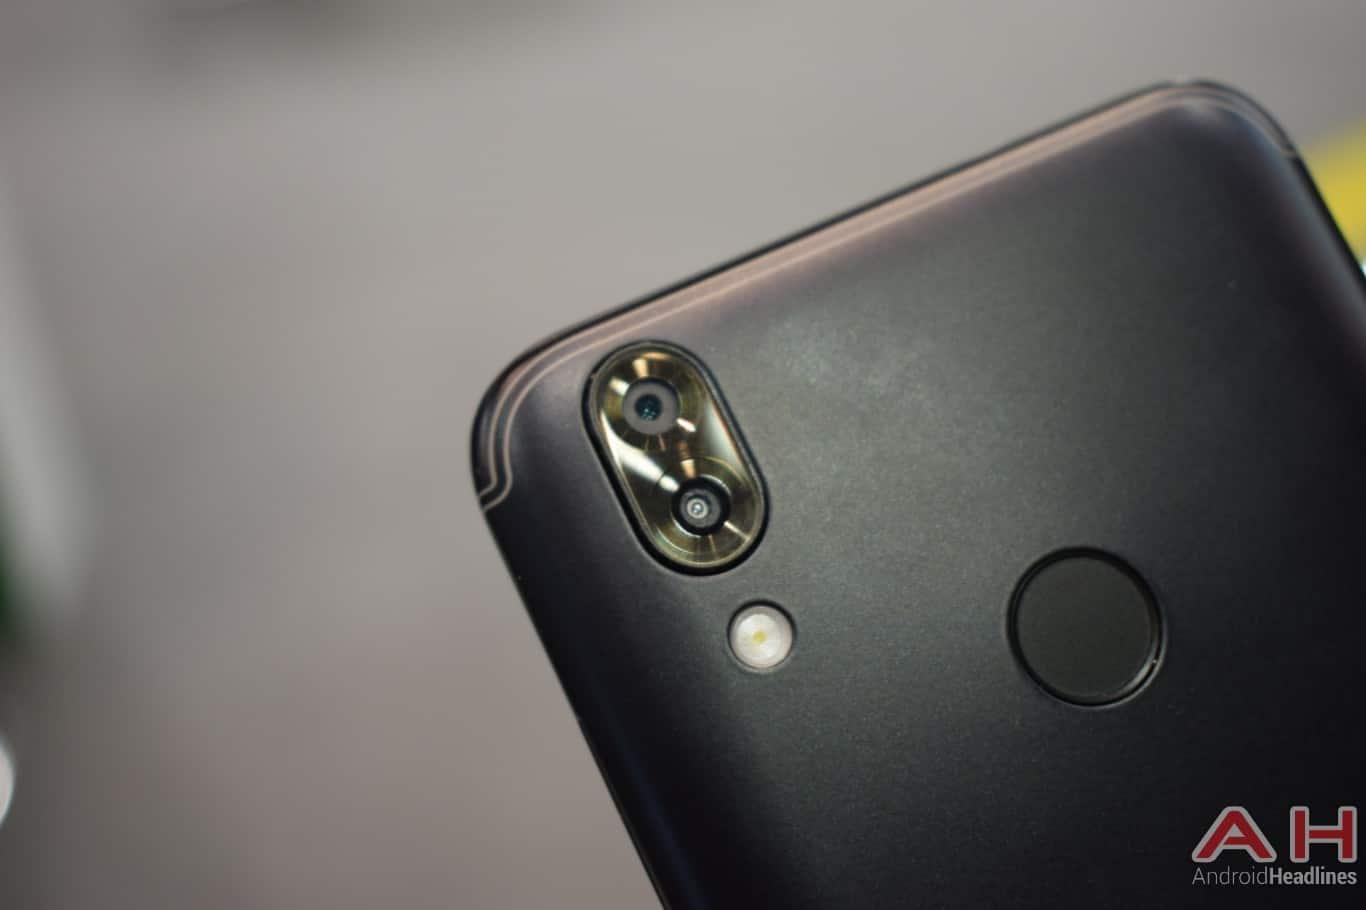 AH SIKURPhone image 4